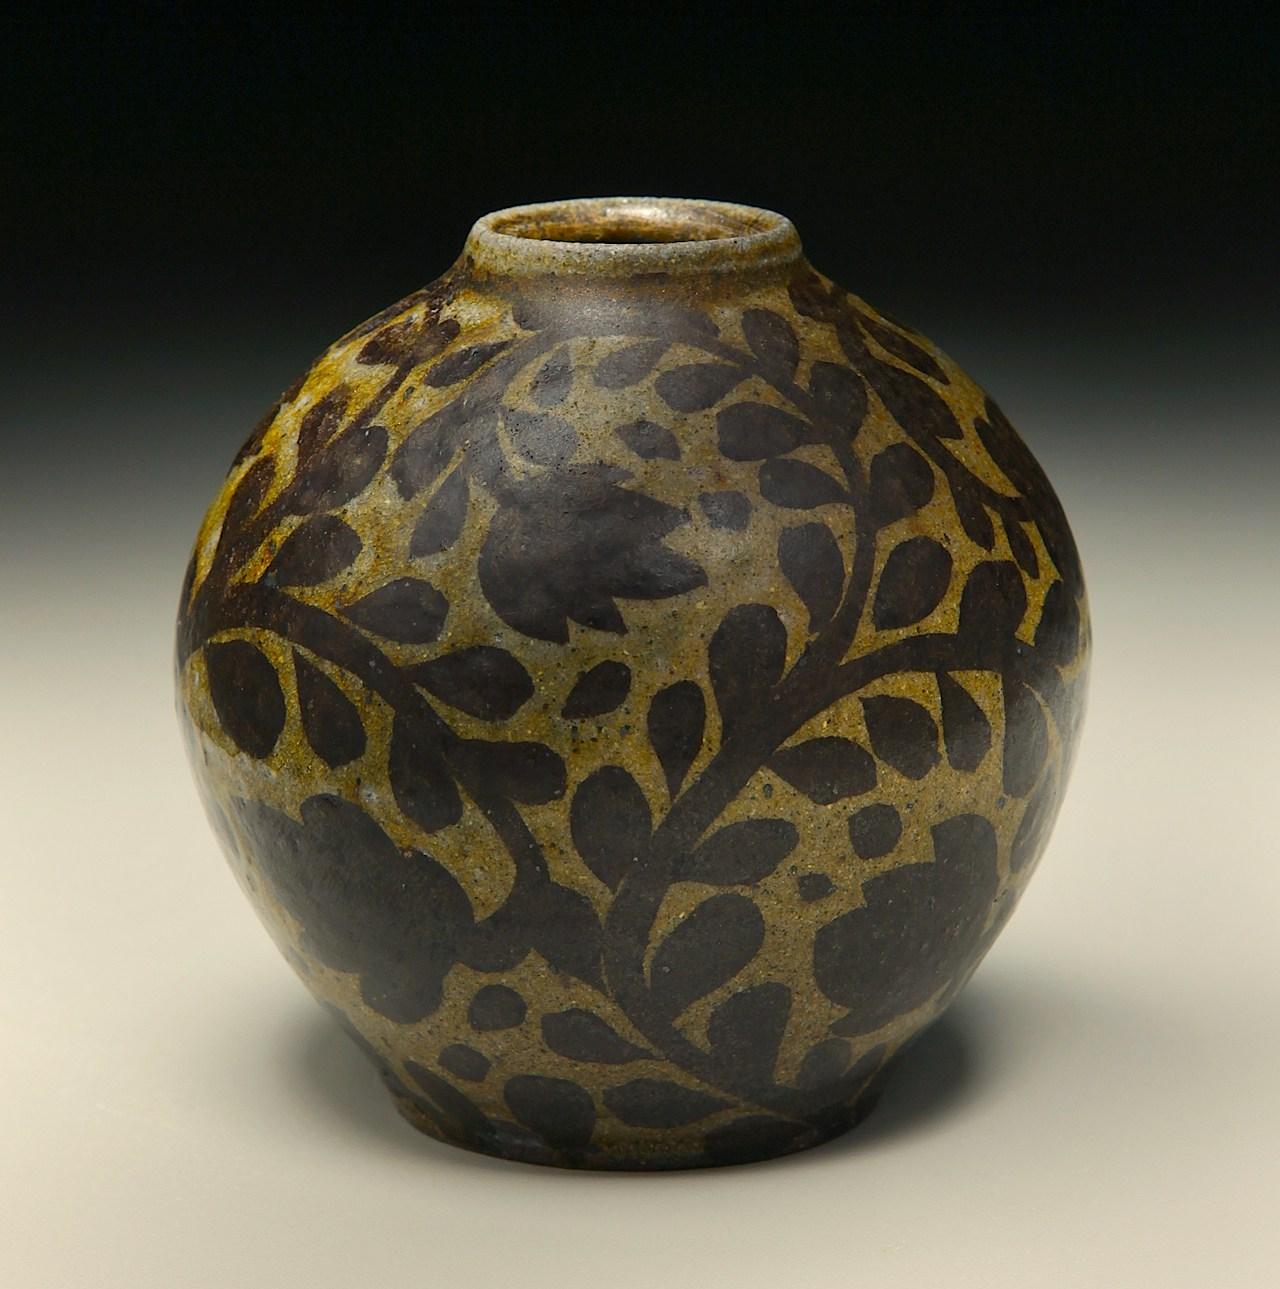 Michael-Kline-Rounded-Vase.jpg